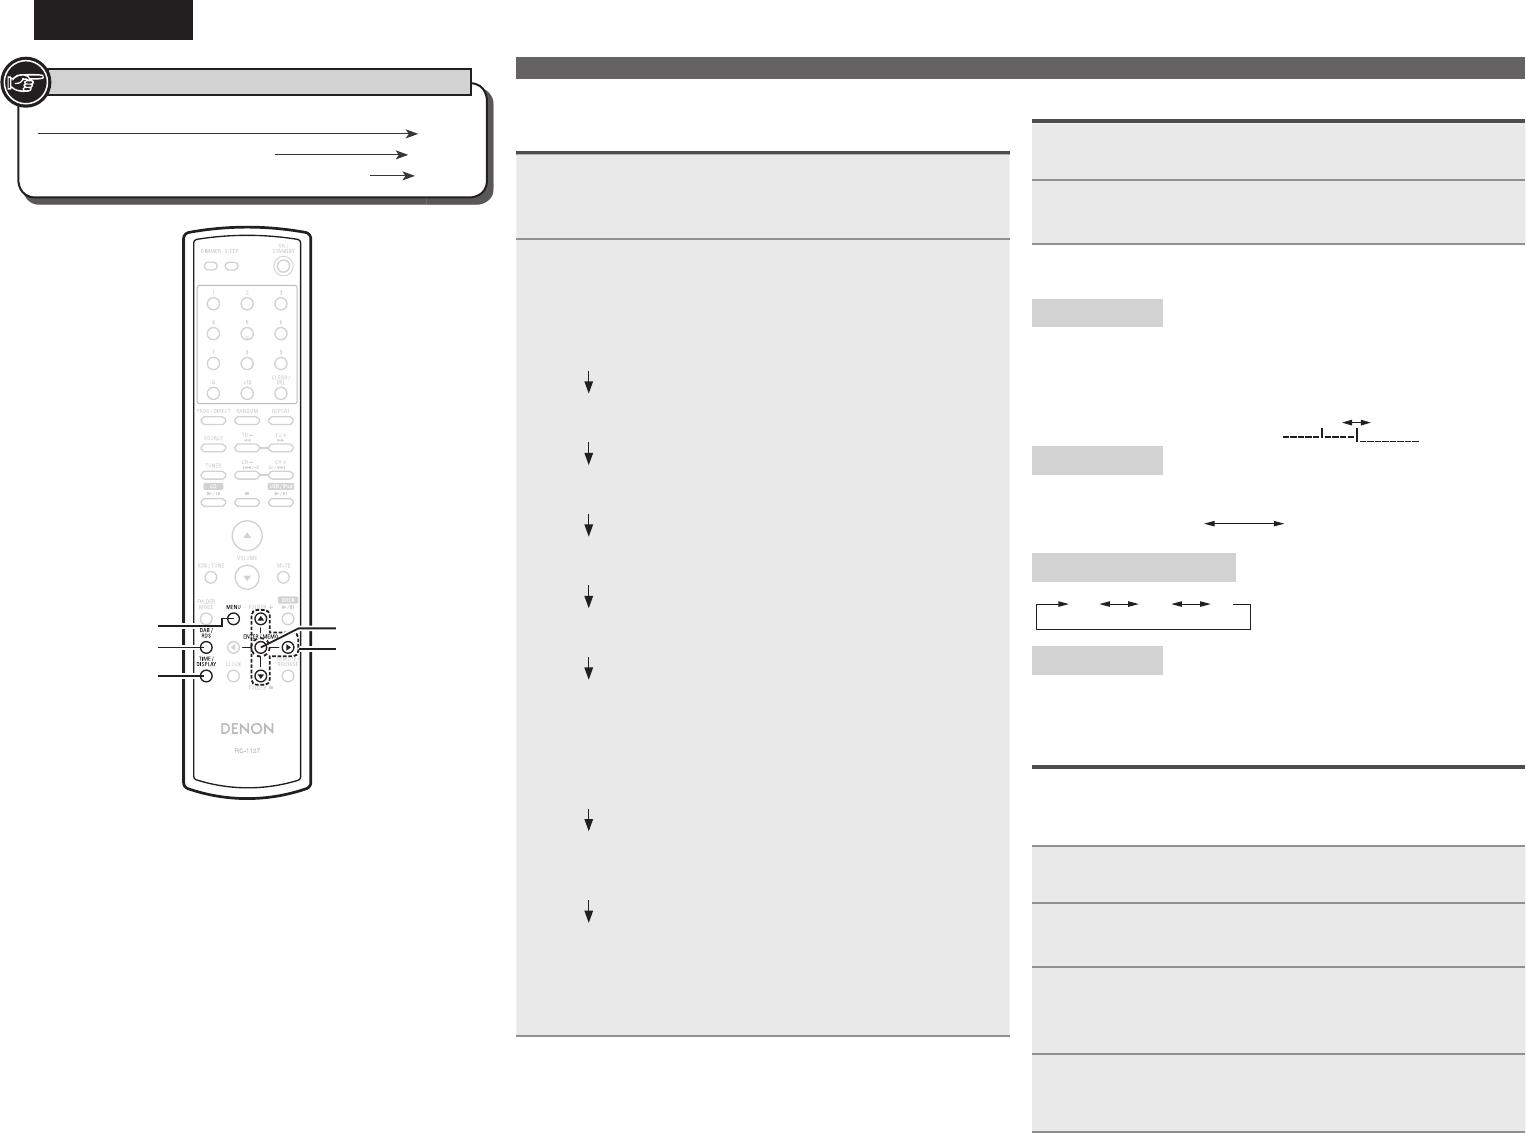 Bedienungsanleitung Denon RCD-M38 (Seite 22 von 36) (Deutsch)